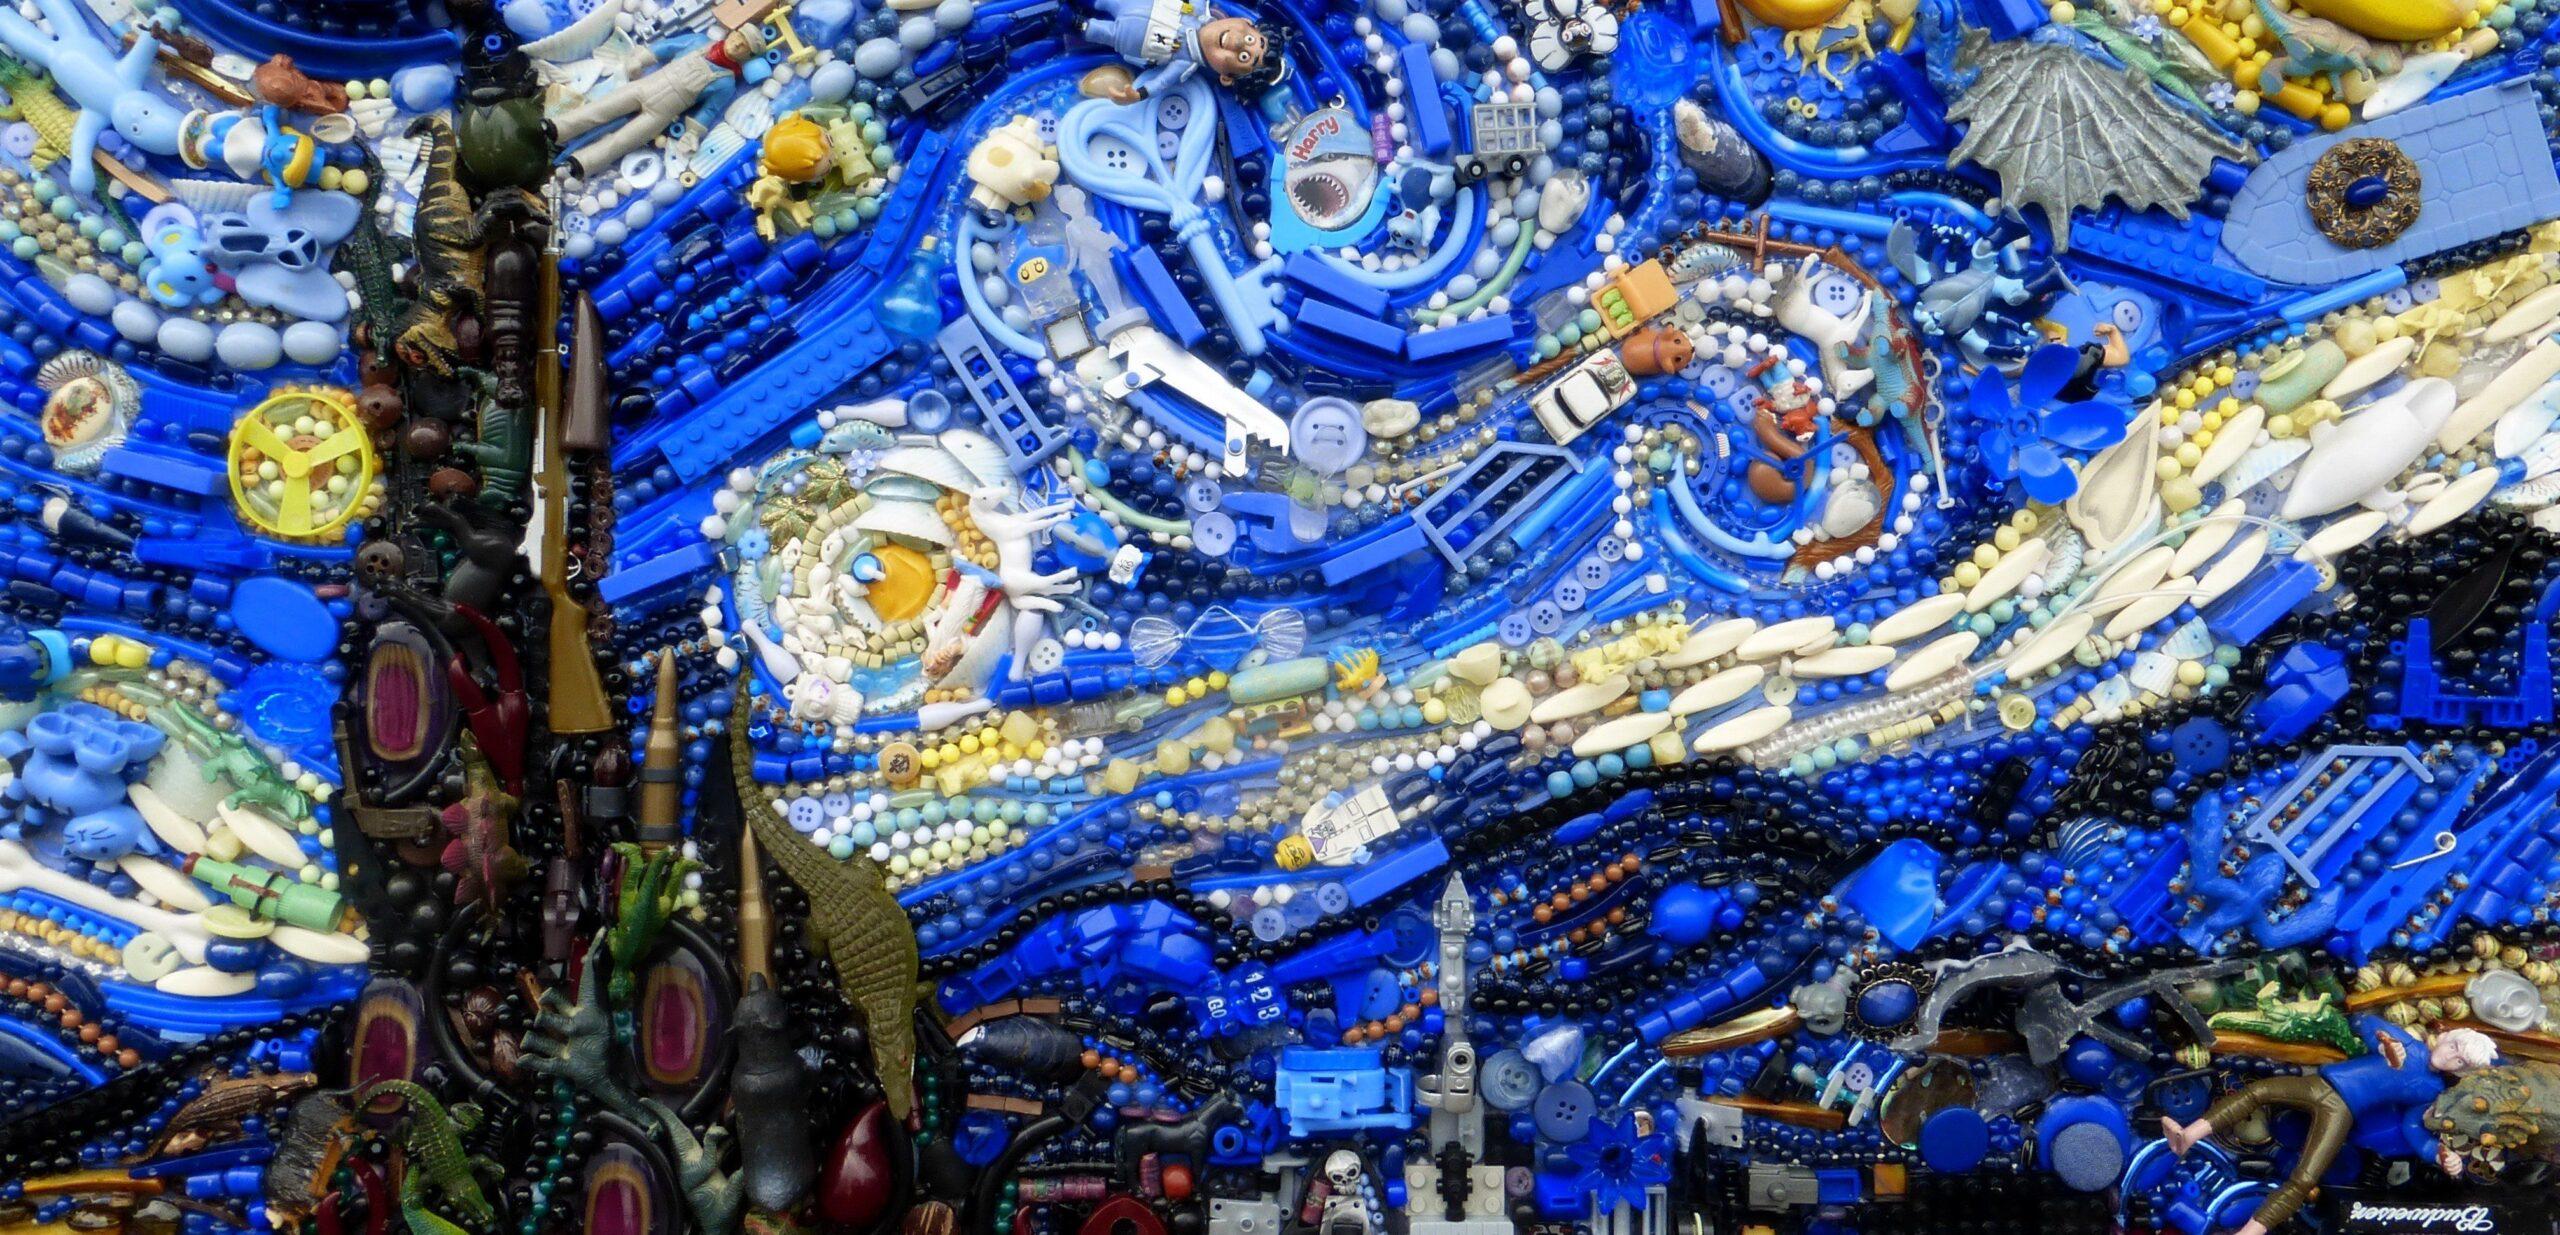 Jane Perkins e le opere d'arte nate dal riciclo